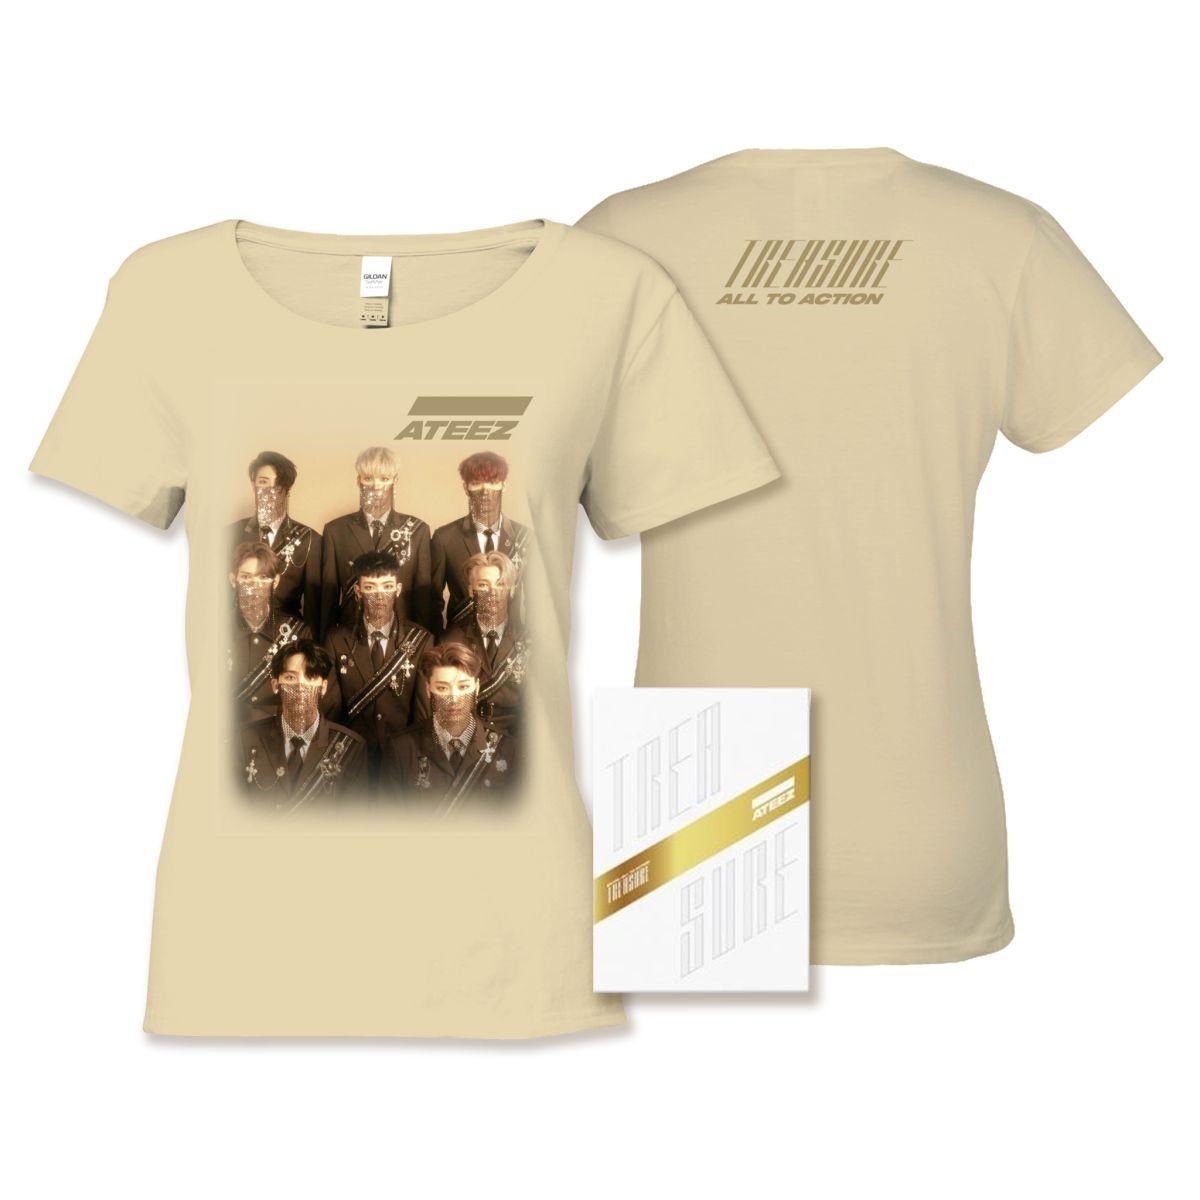 Ateez Treasure Z Ver. Package White Edition & Ladies Tan Tee